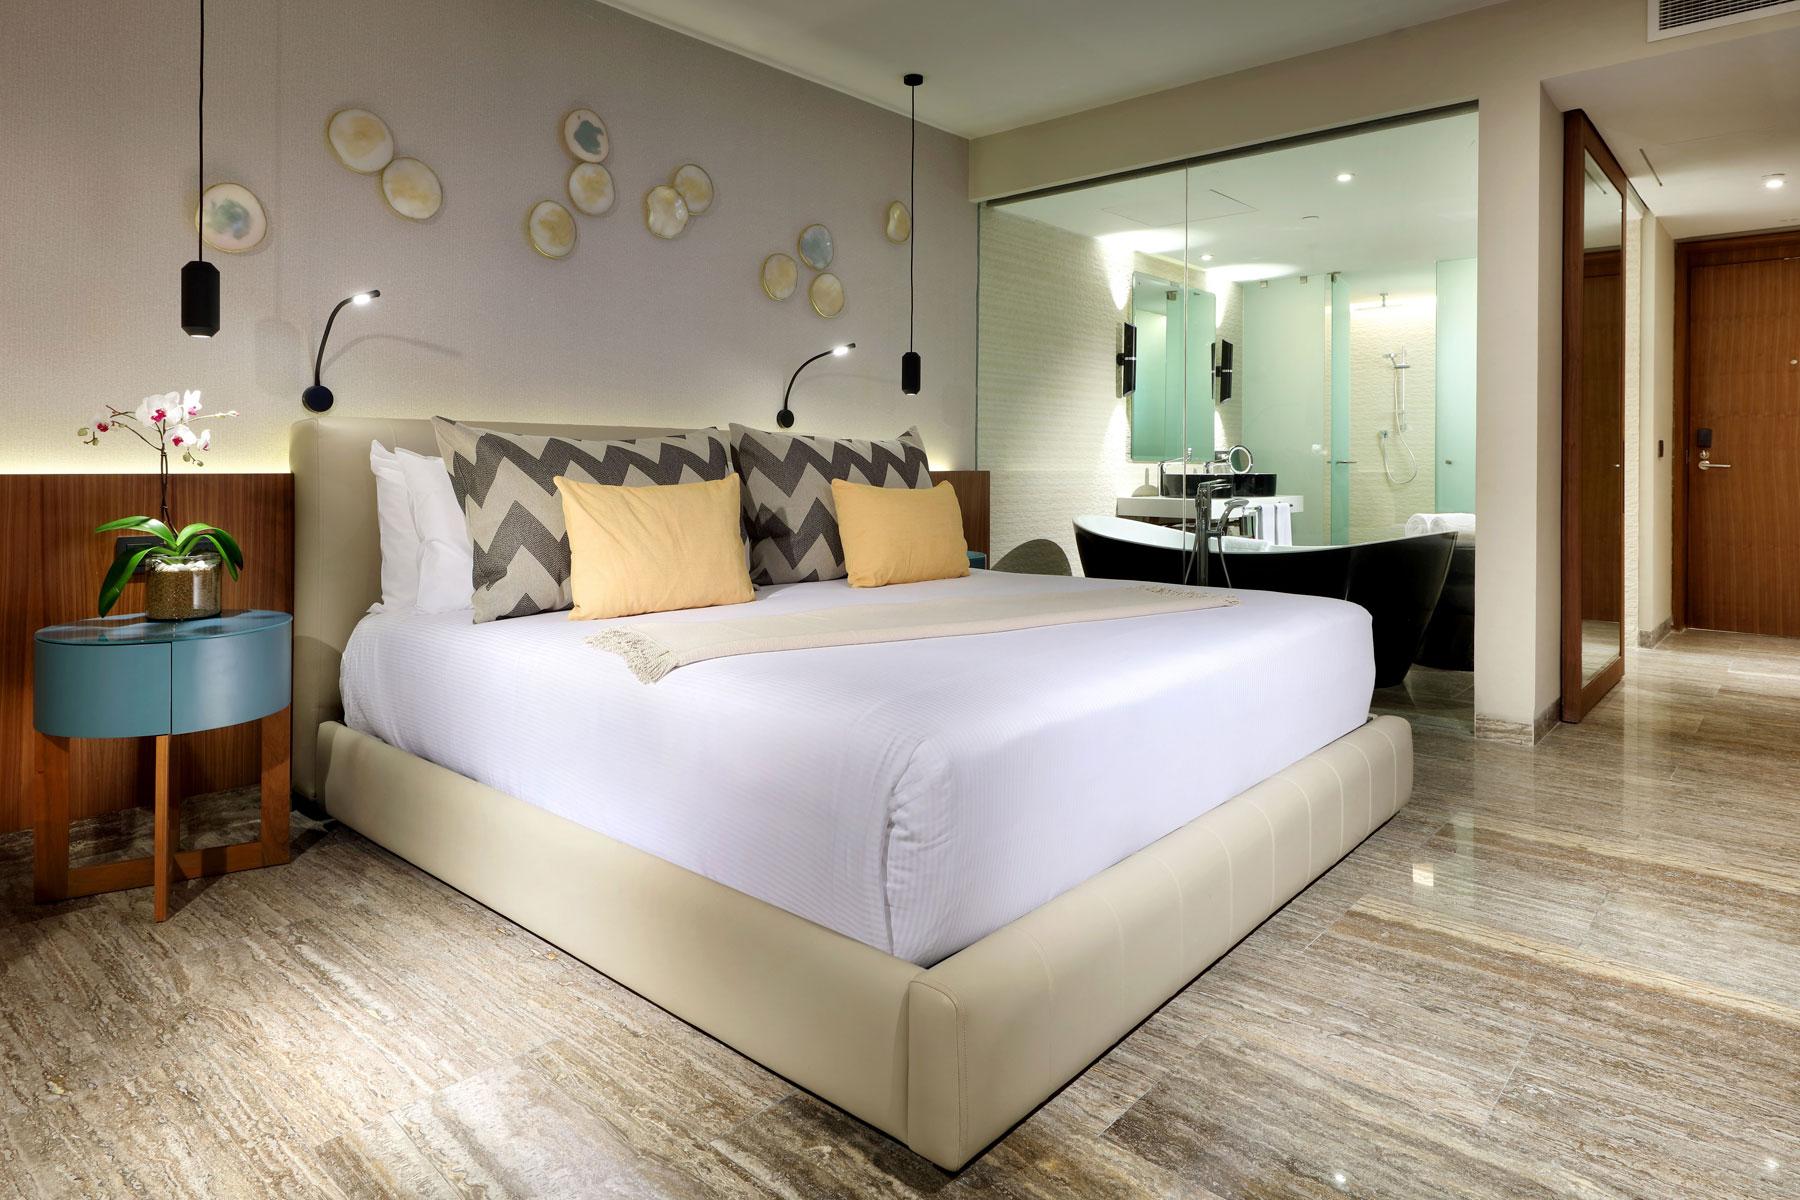 habitacion del hotel coste mujeres